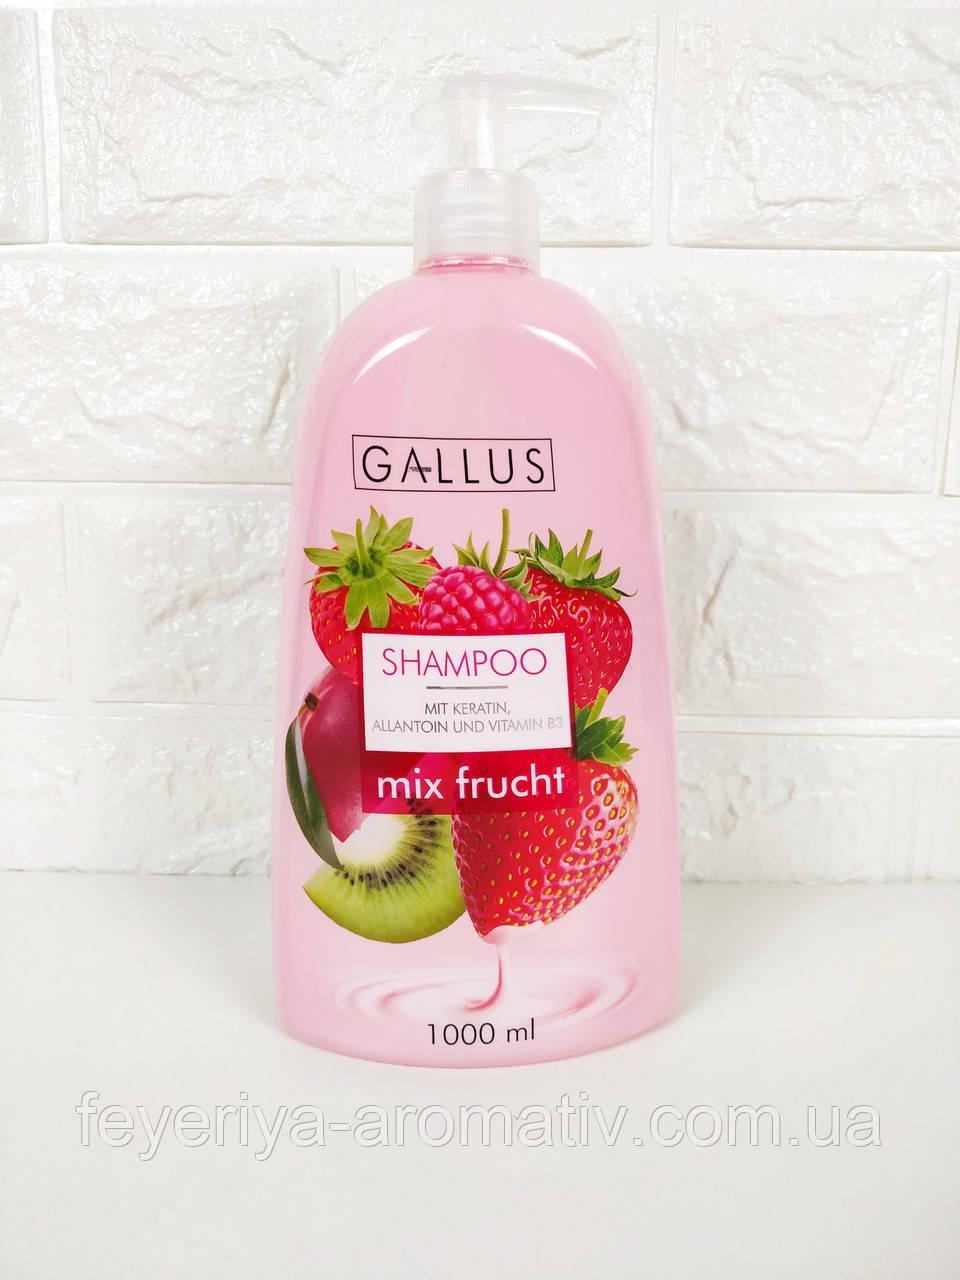 Шампунь для волос Gallus Shampoo Mix Frucht 1л.